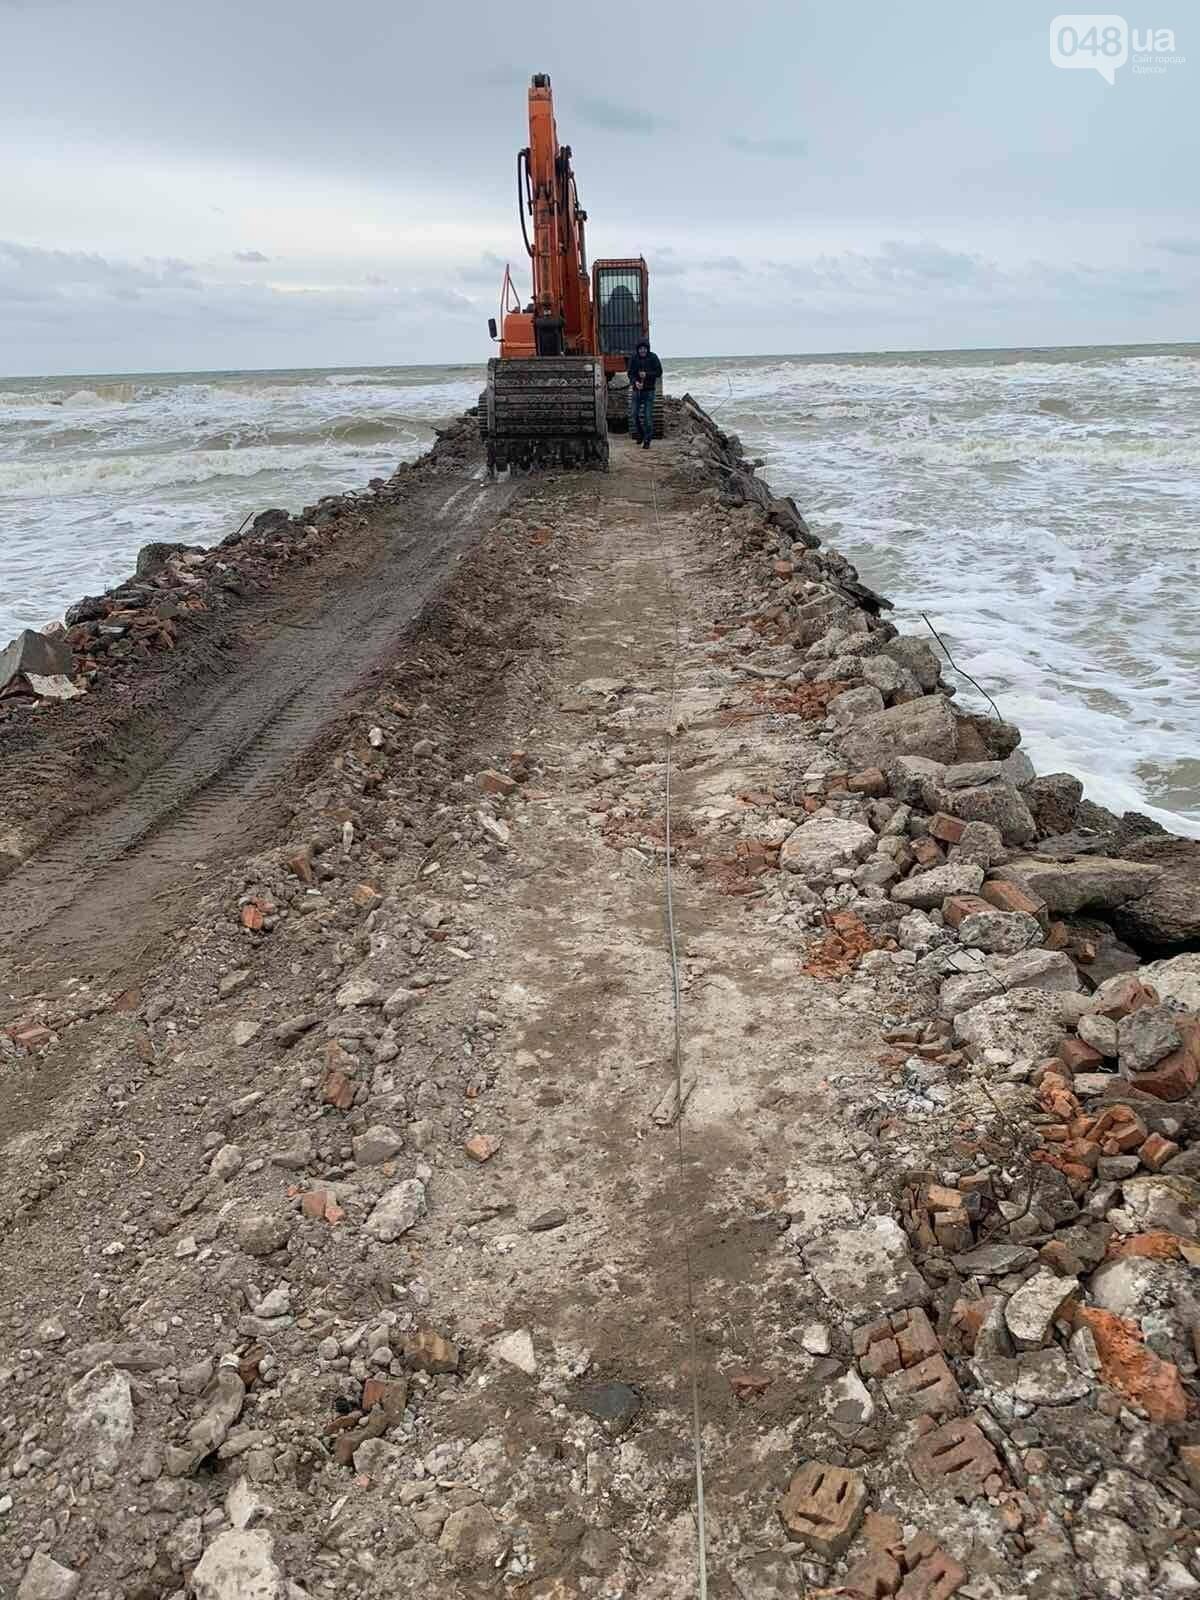 Экологическая катастрофа: в Одесской области нависла угроза обрушения склонов, - ФОТО, фото-1